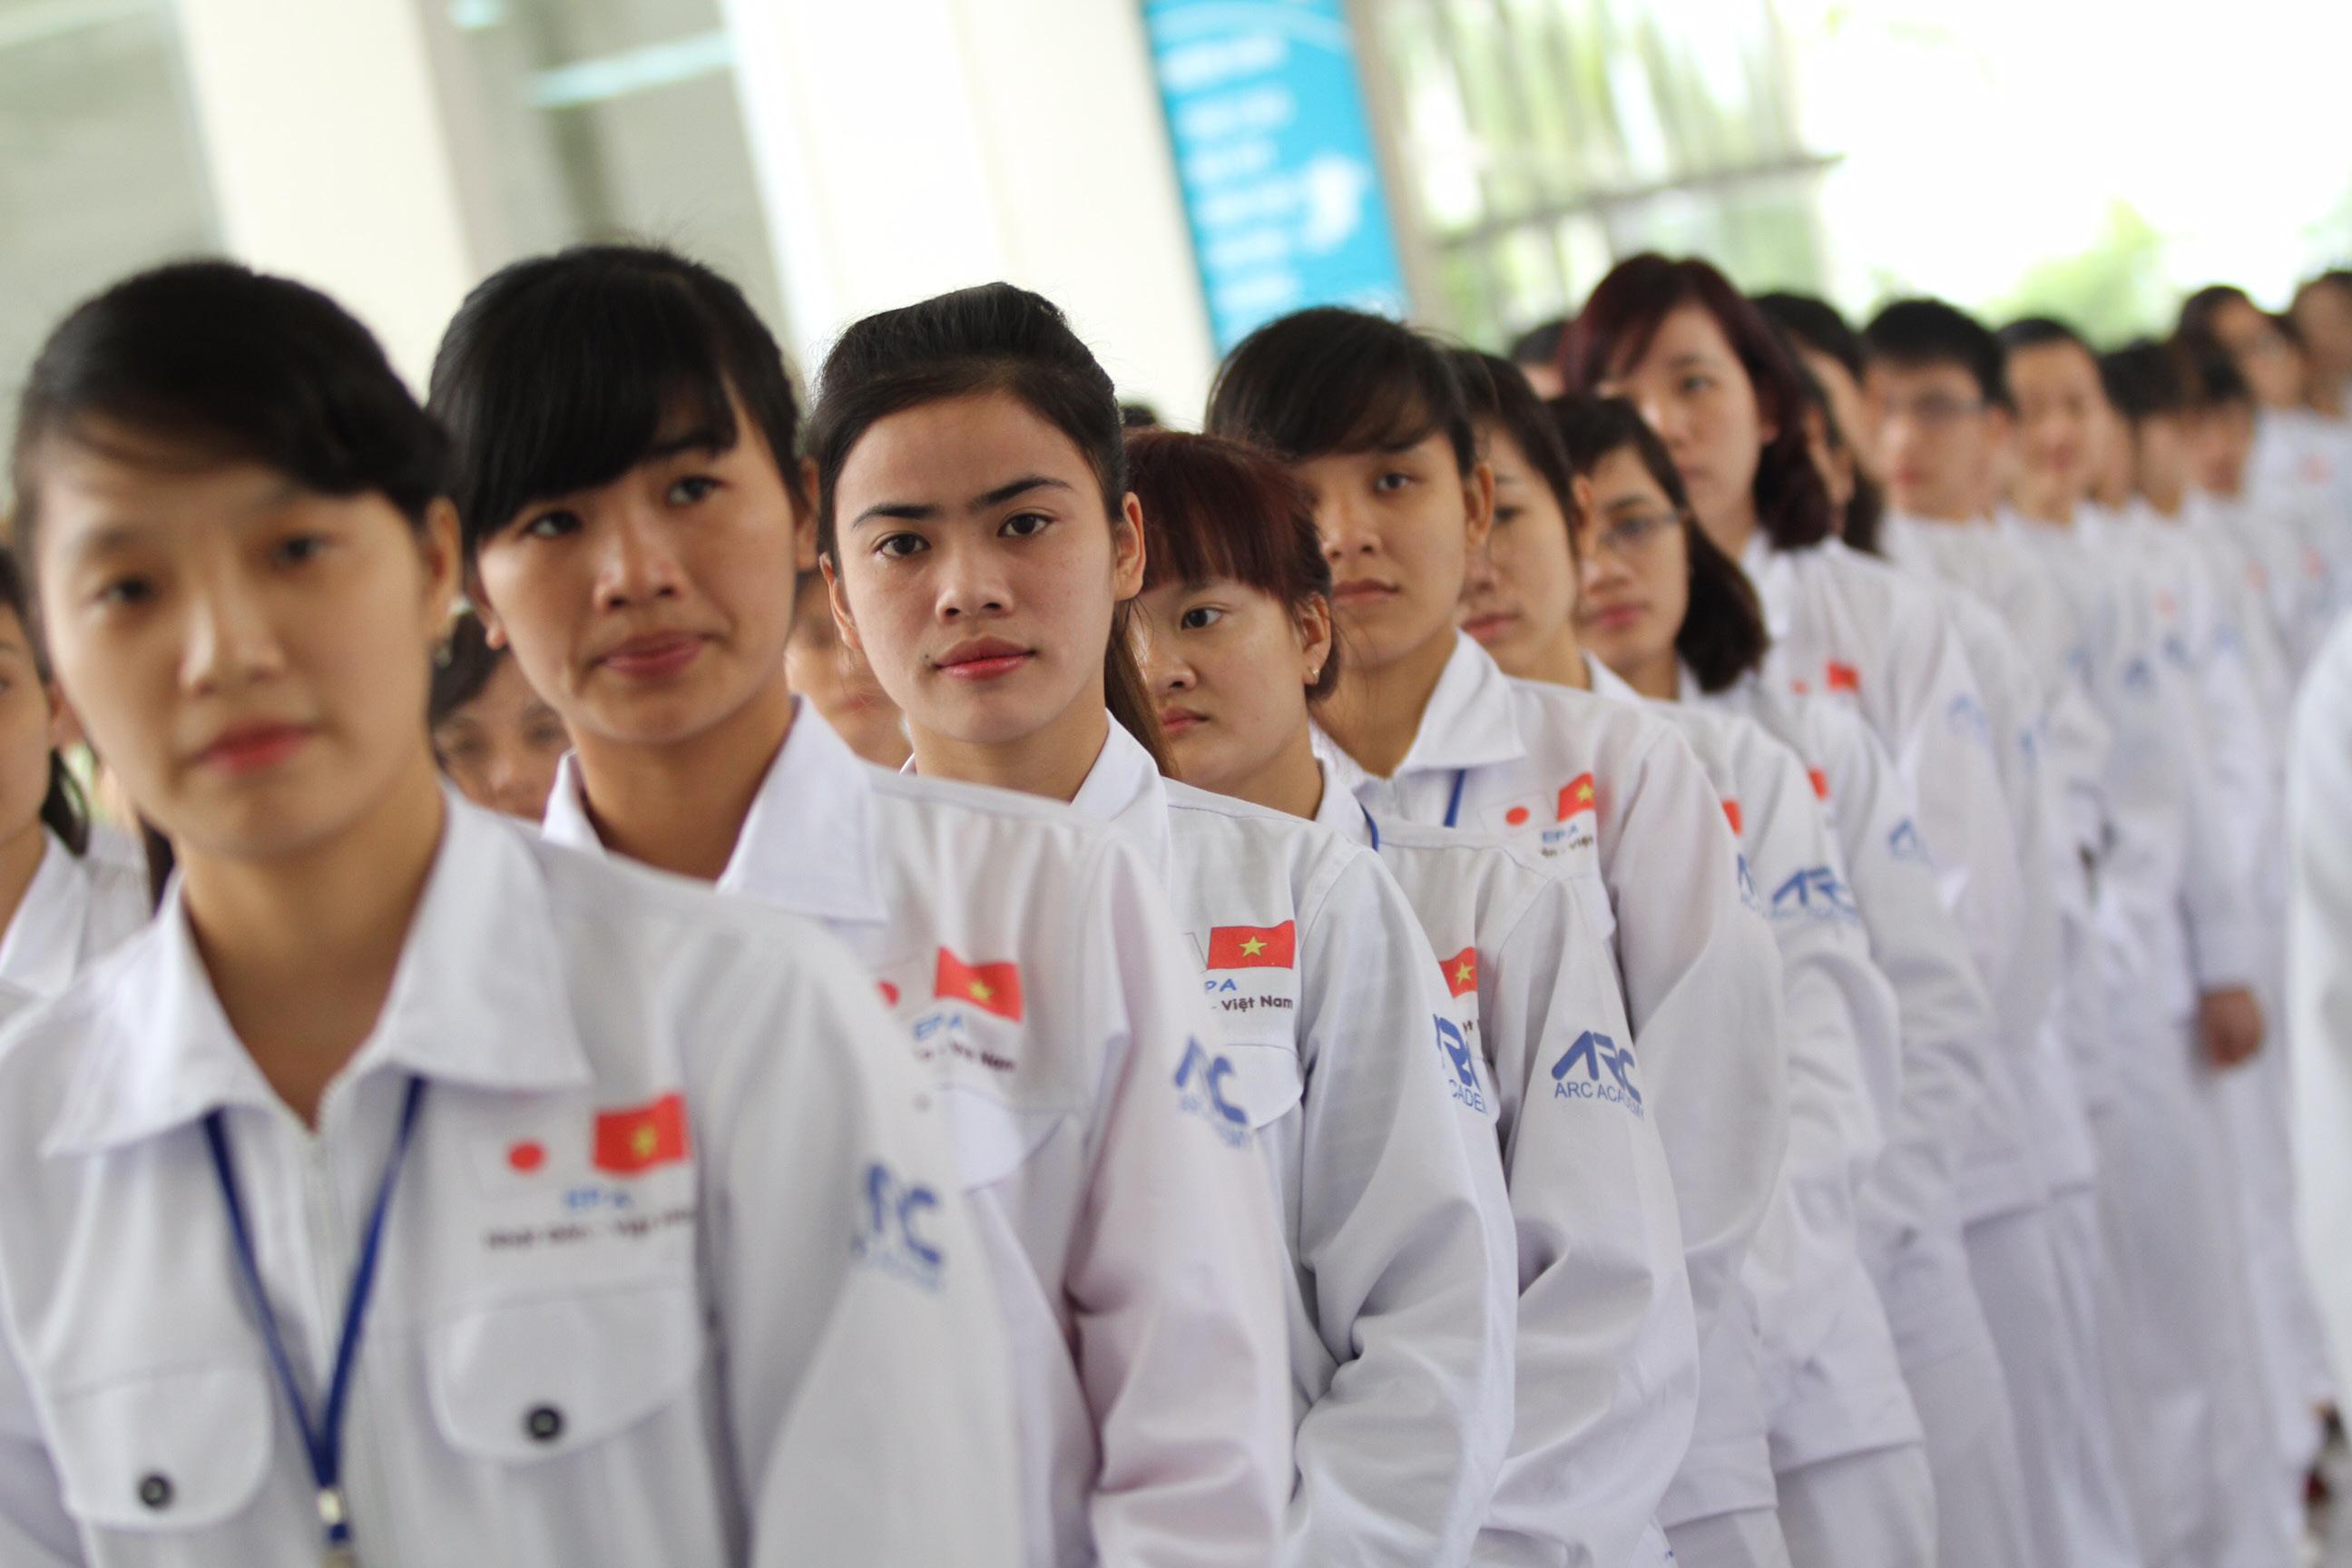 Hàng ngàn lao động ở khu công nghiệp thất nghiệp tìm đường đi xuất khẩu lao động Nhật Bản